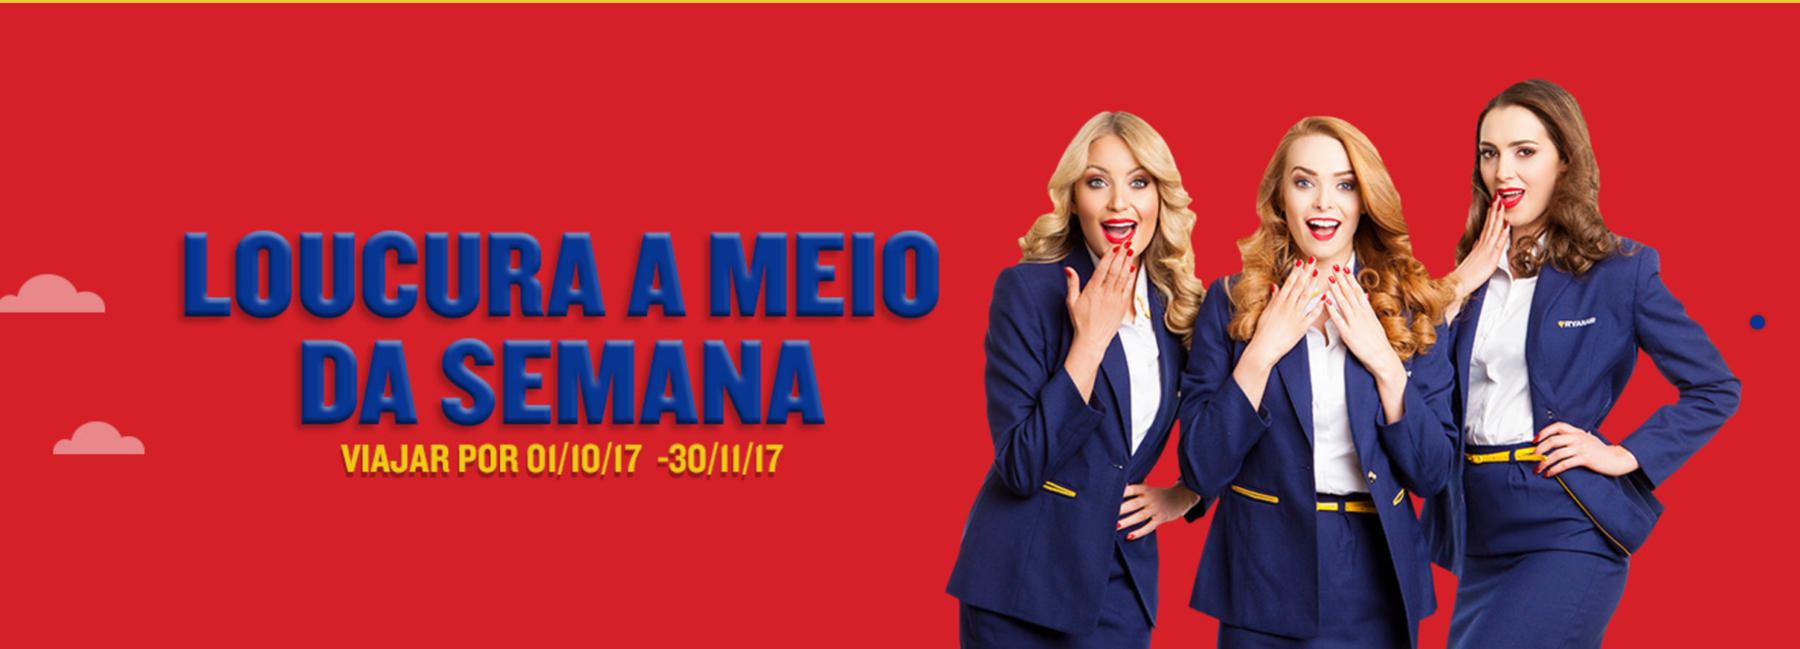 Ryanair promoção viagens